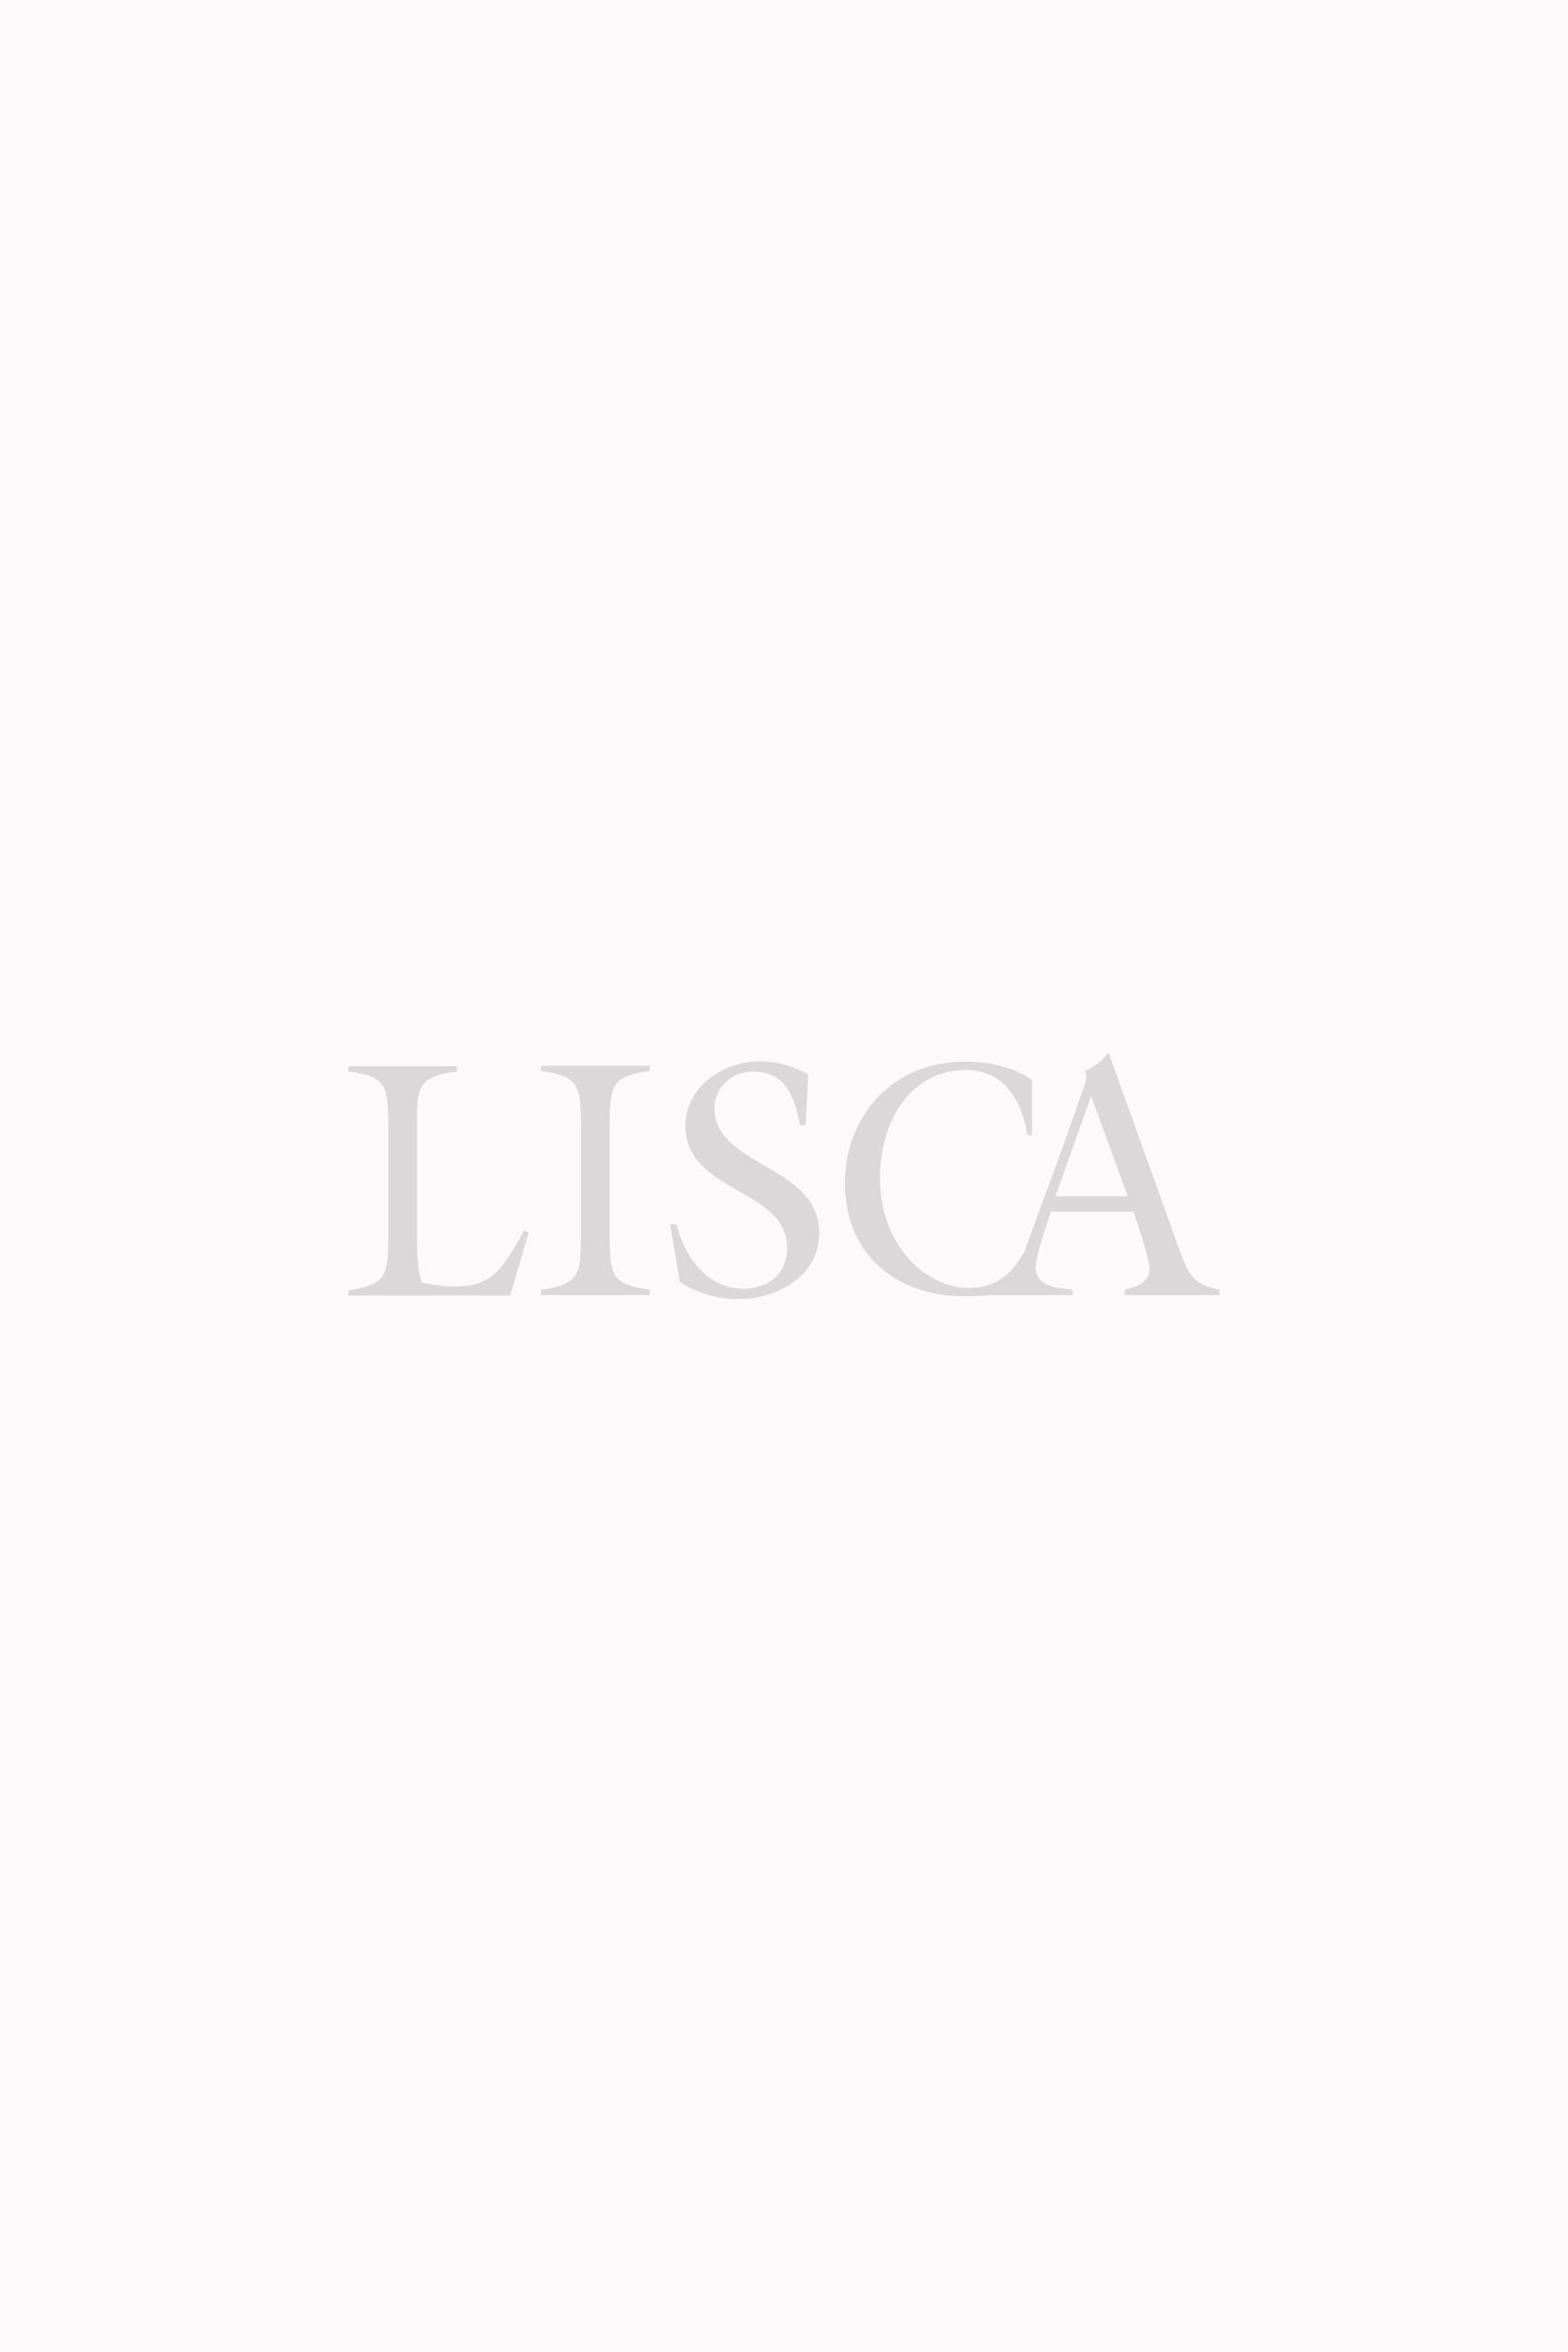 Jednodijelni kupaći bez žice »Lima«